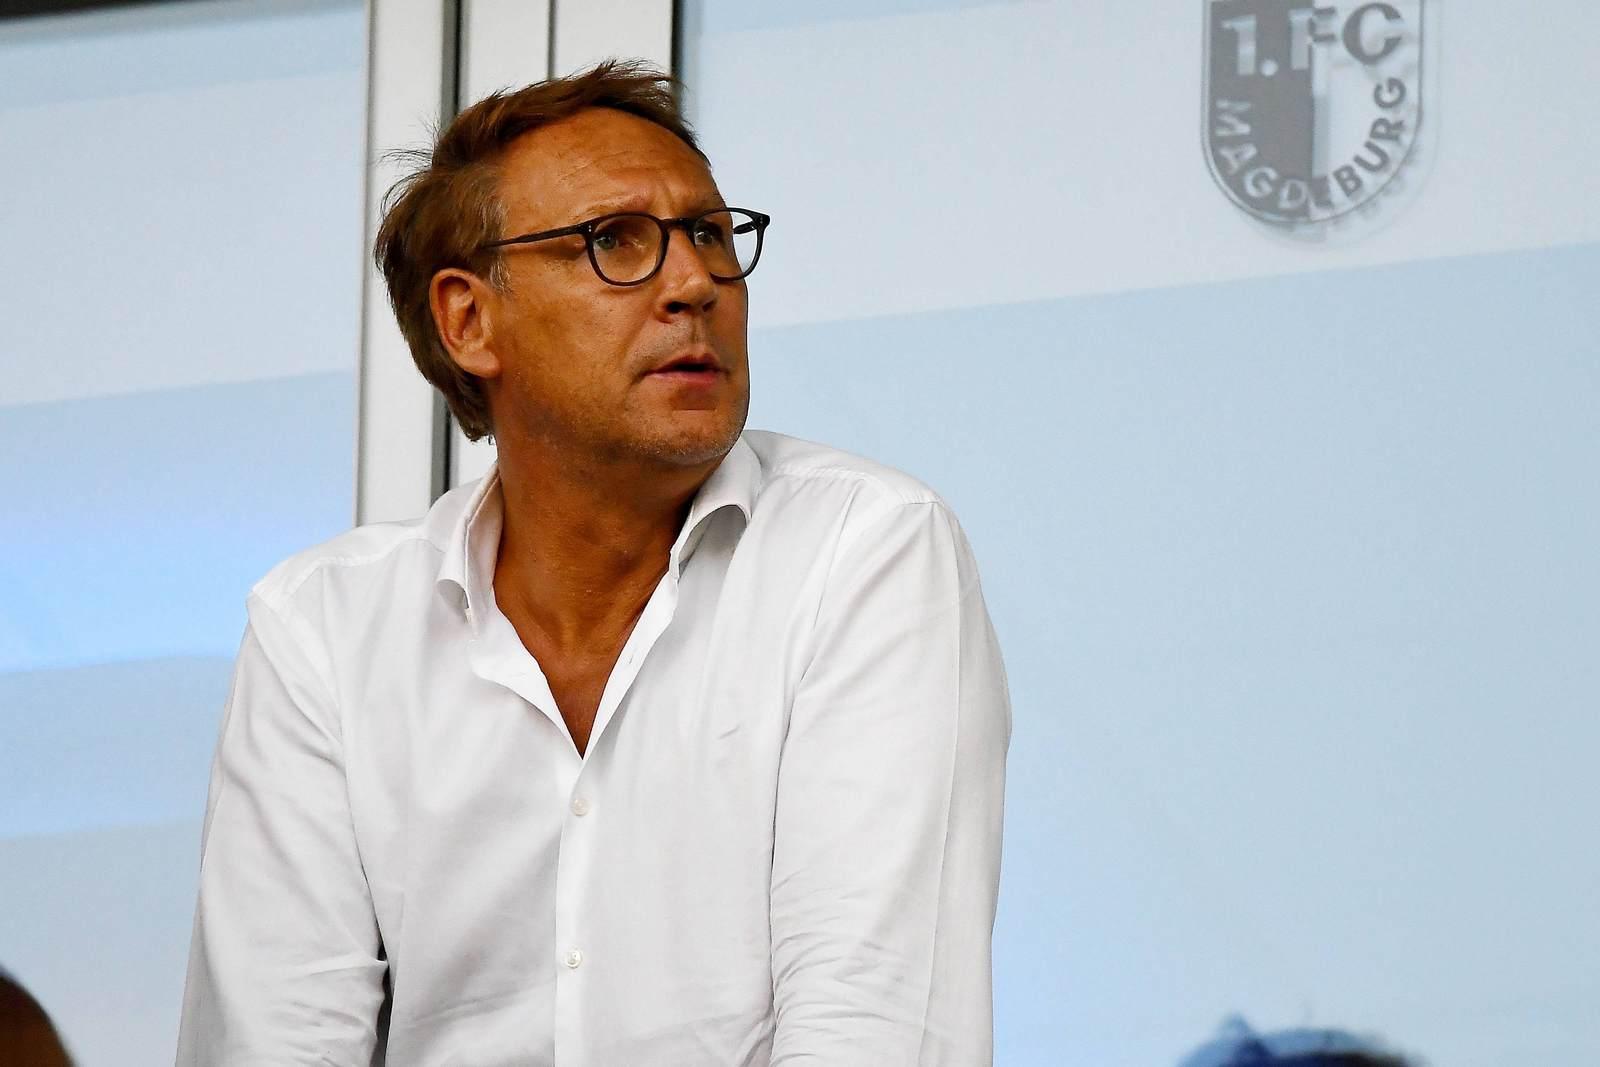 Präsident von Darmstadt 98: Rüdiger Fritsch